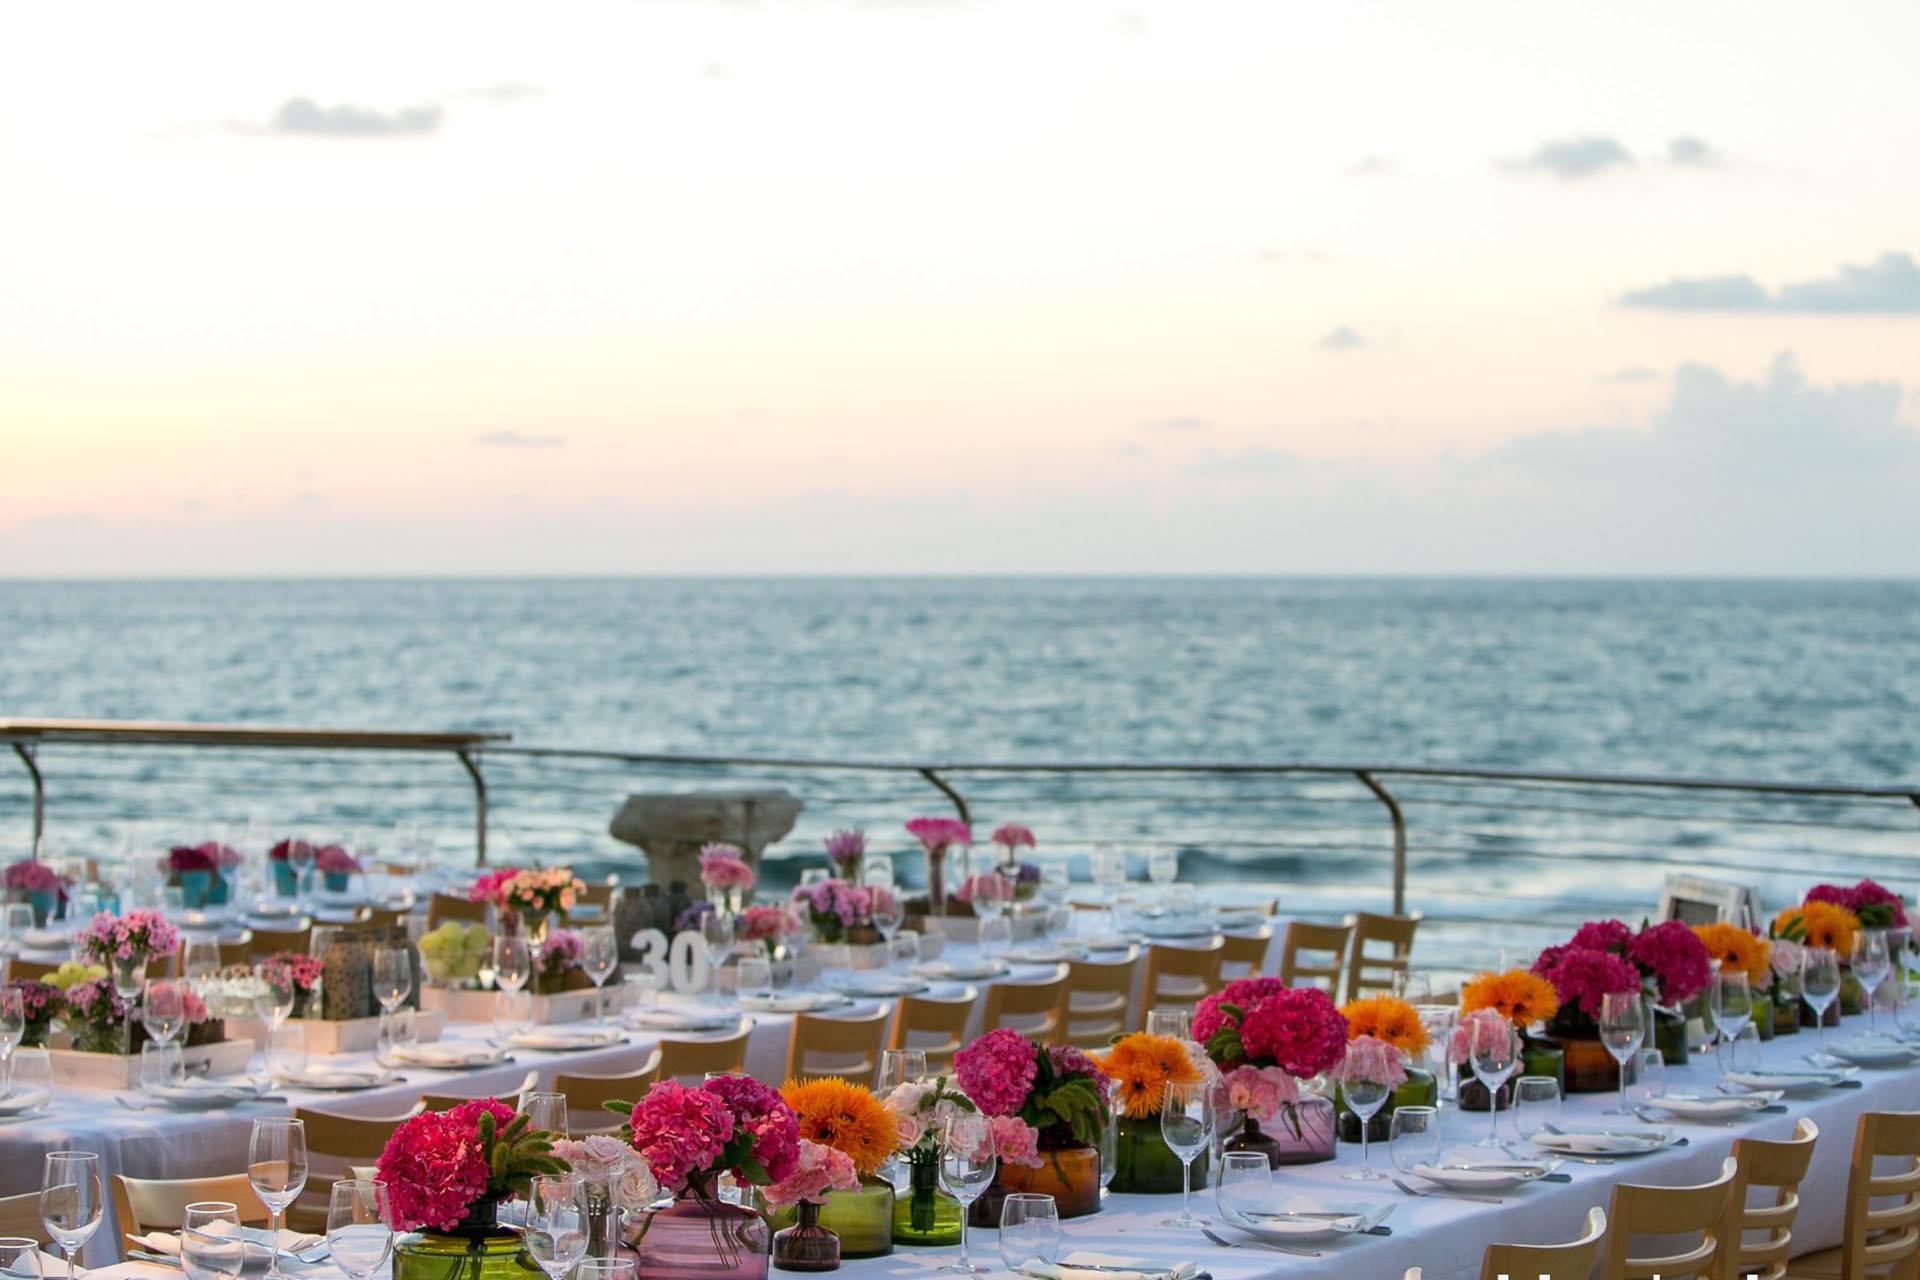 קיץ על החוף: להתחתן הכי קרוב לים